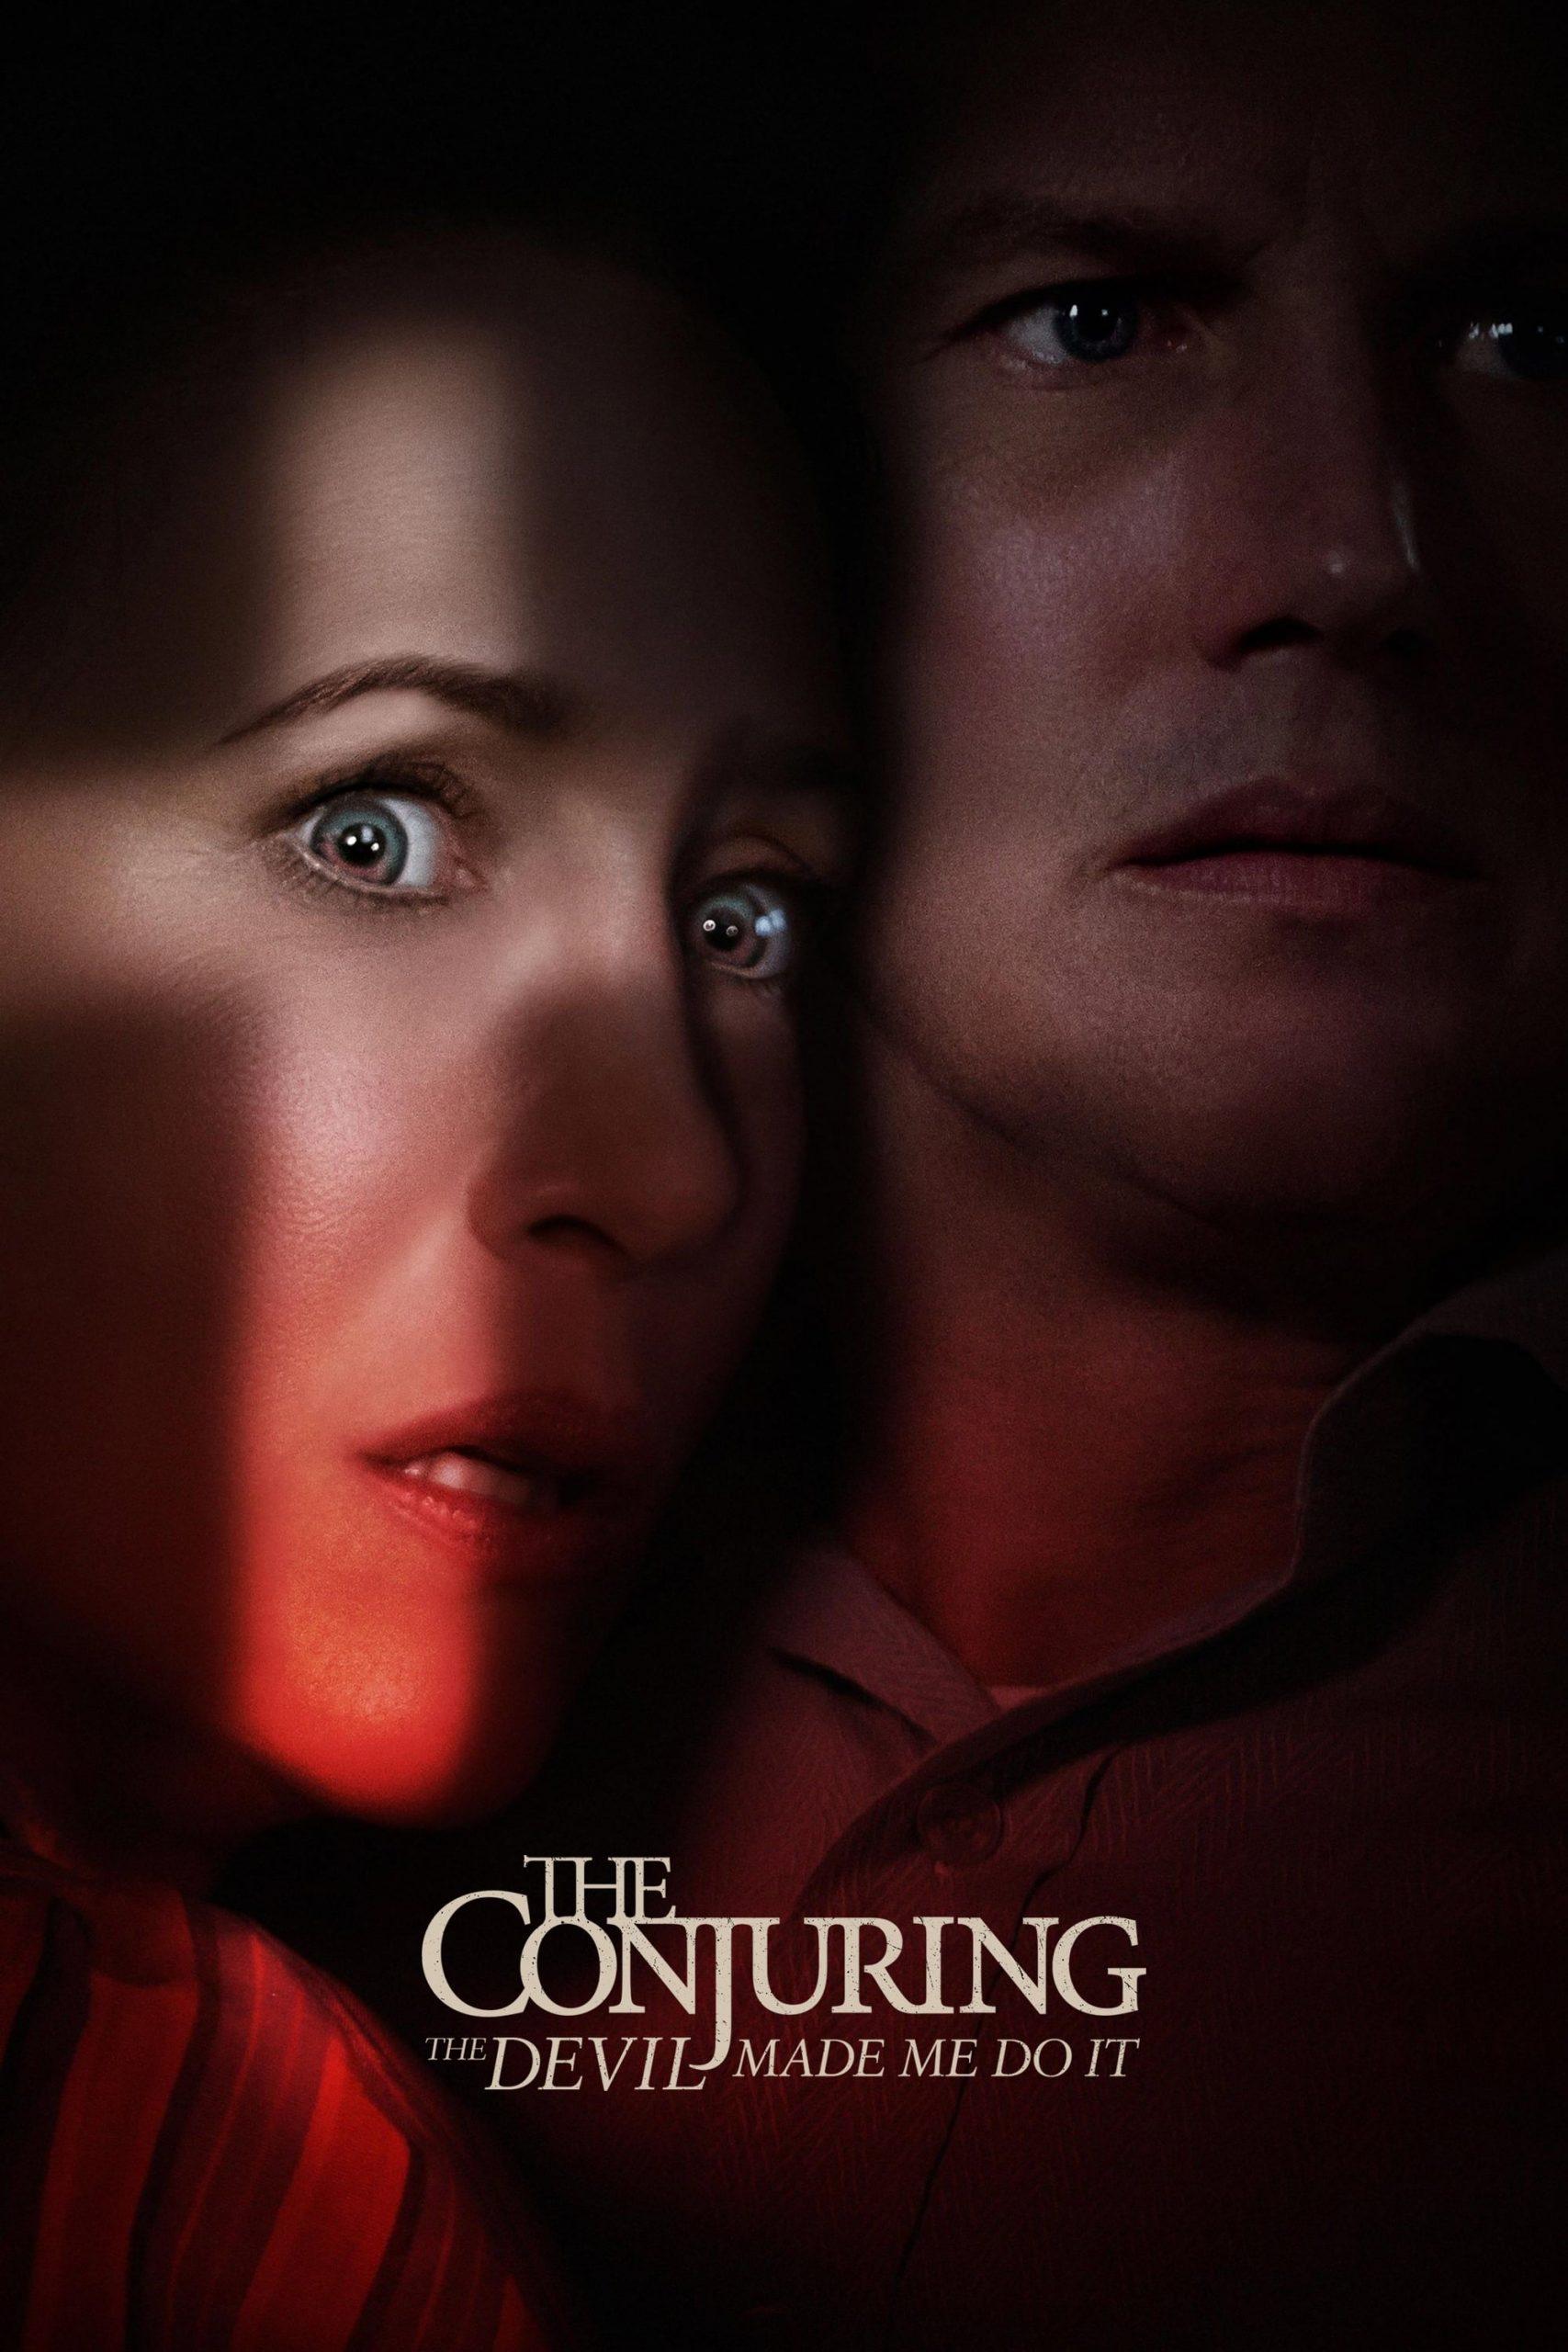 دانلود فیلم The Conjuring: The Devil Made Me Do It 2021 با دوبله فارسی